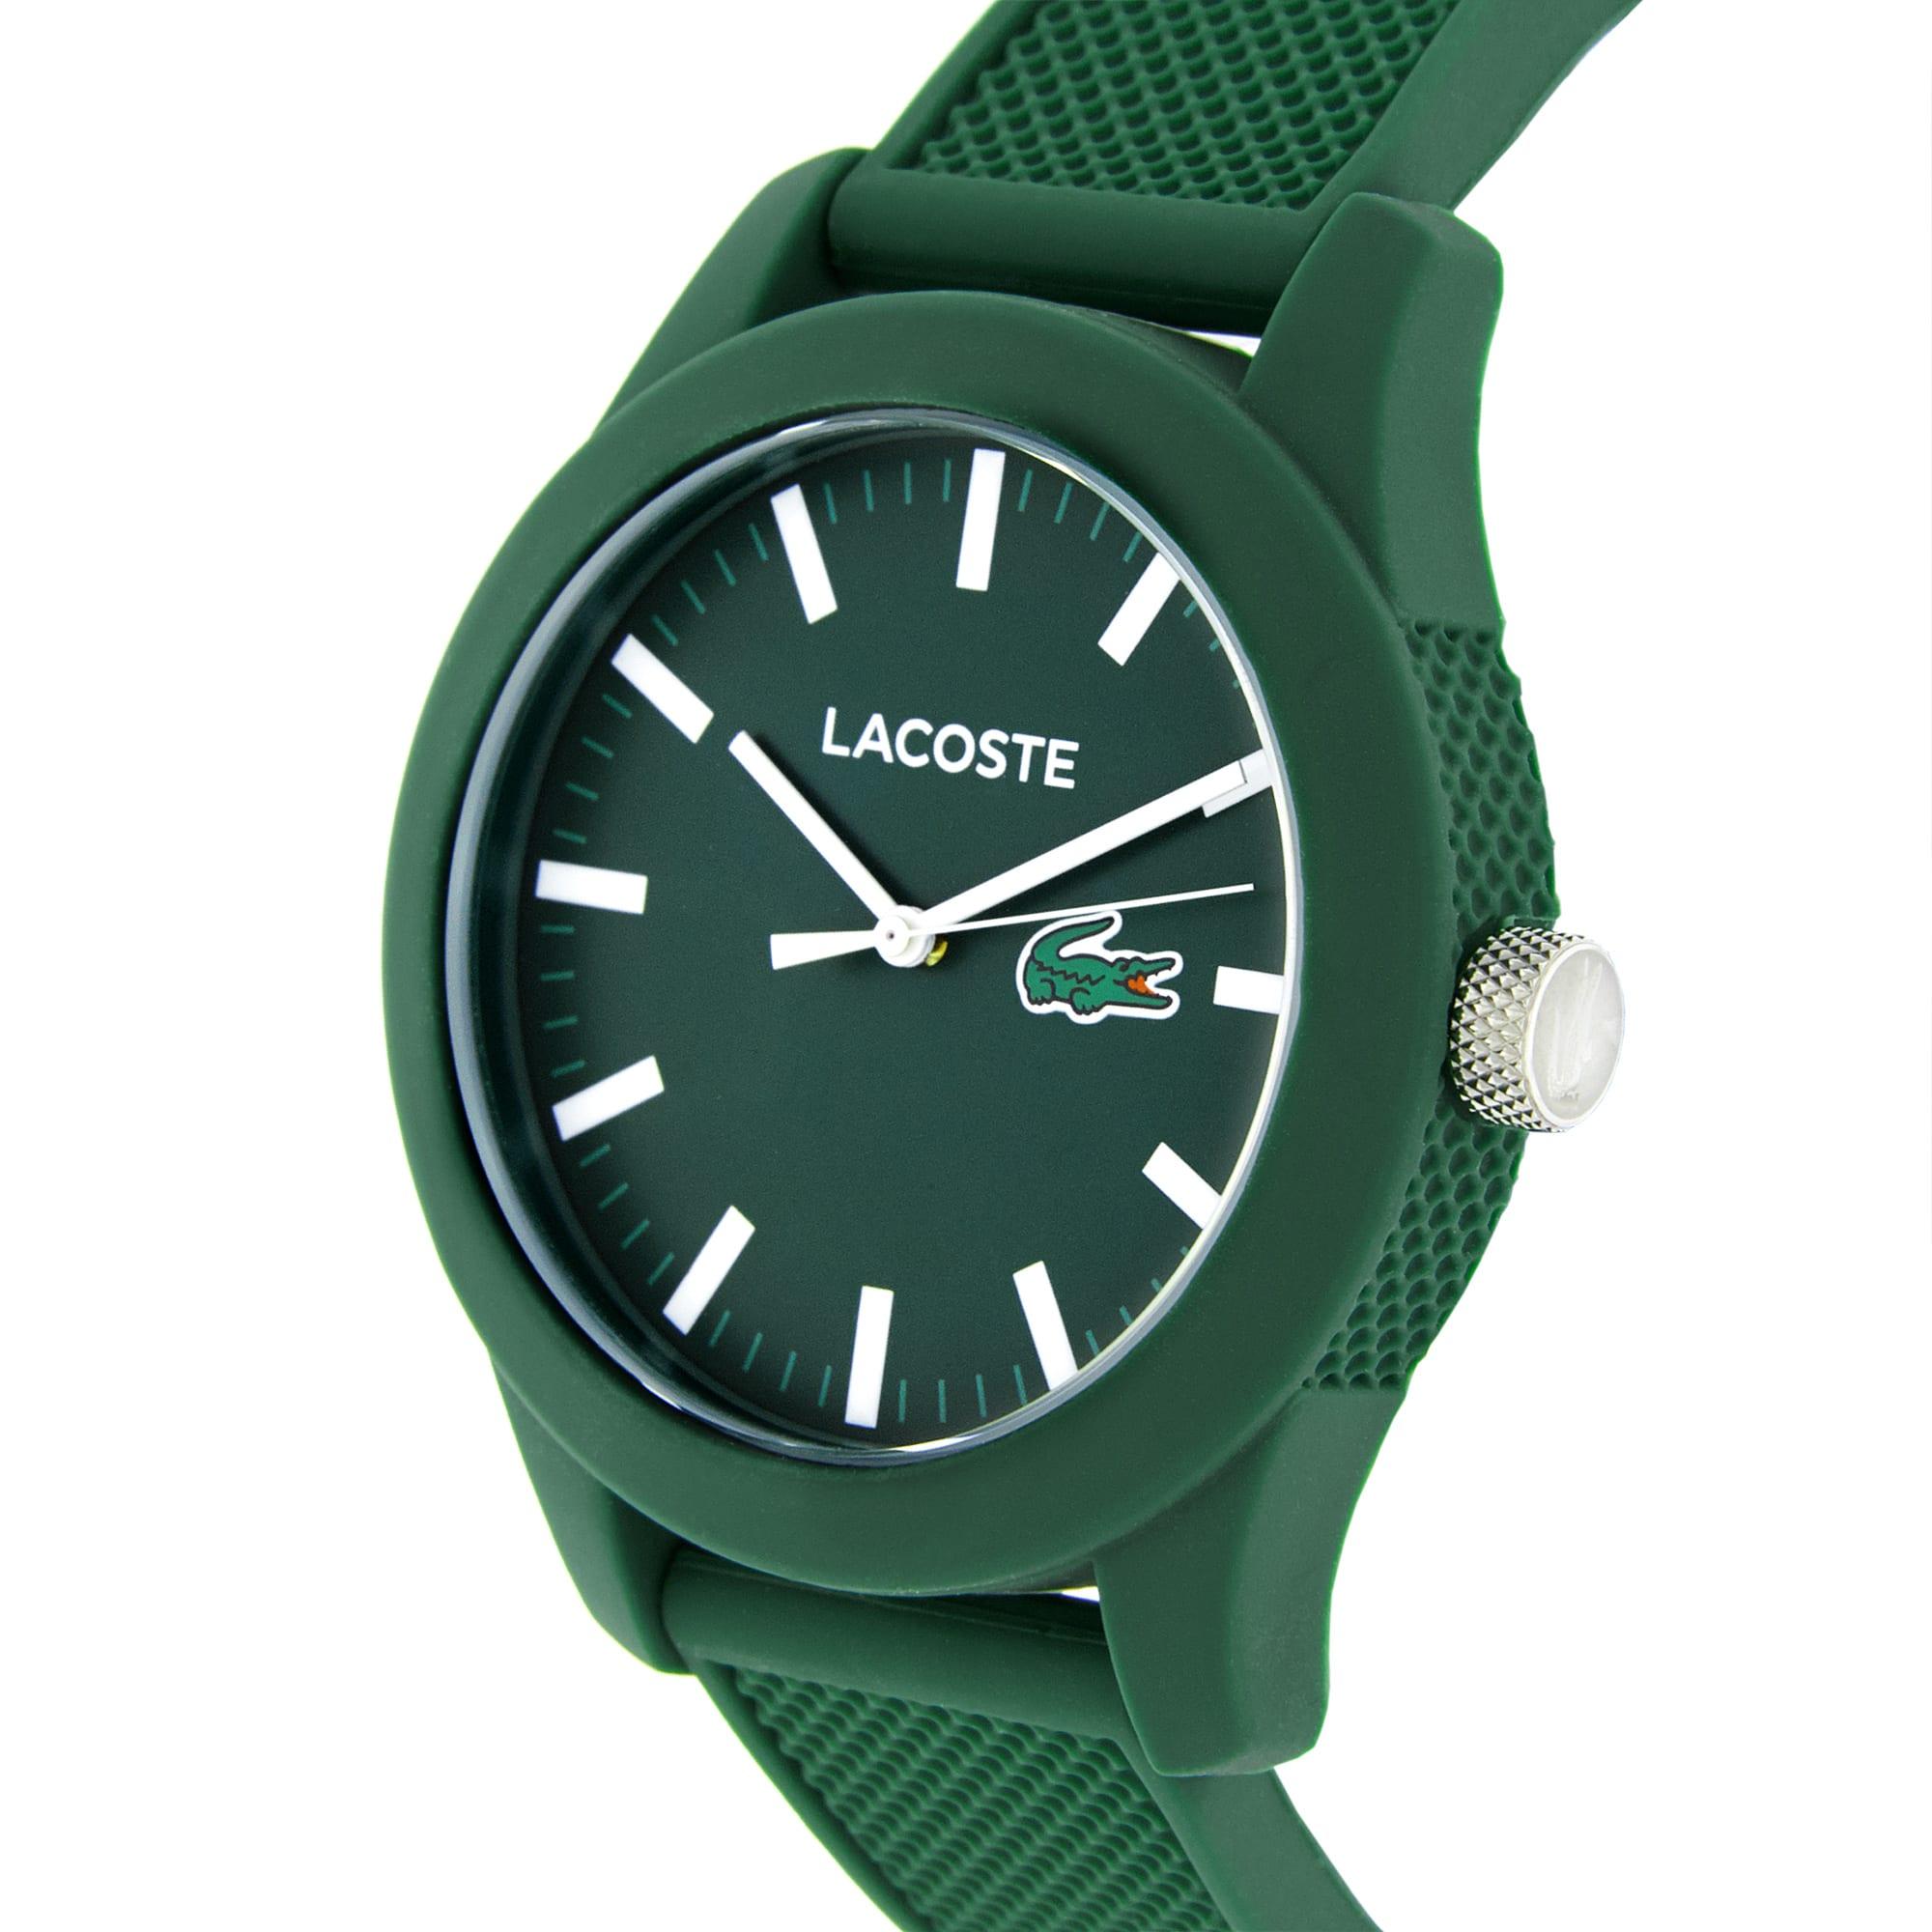 Montre Lacoste12.12 Homme avec Bracelet Vert en Silicone